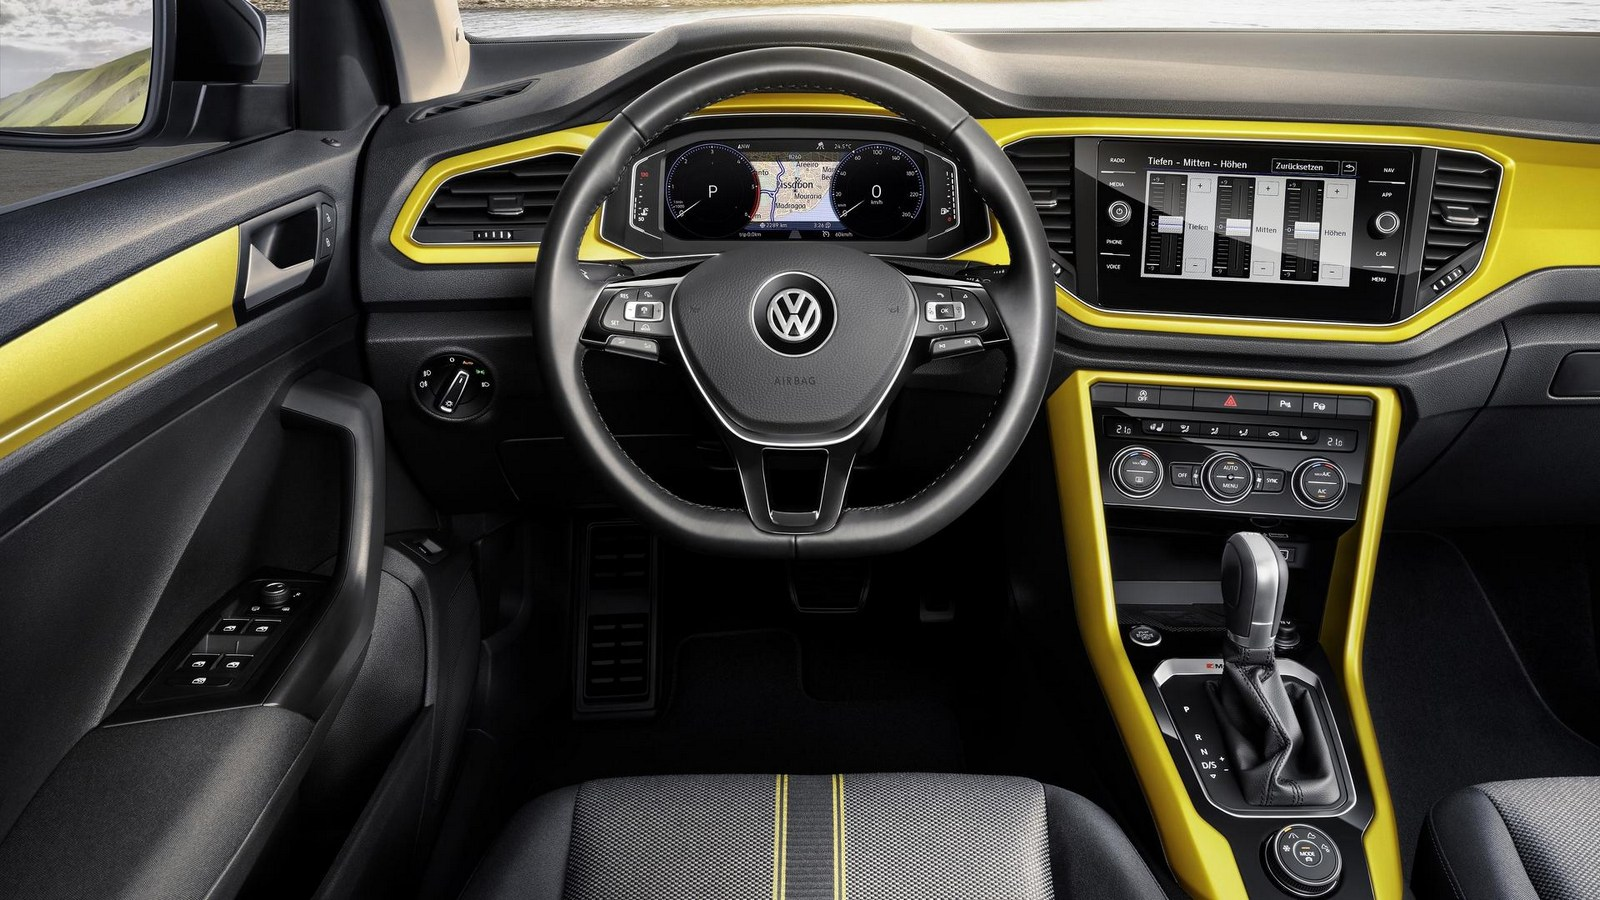 2018_Volkswagen_T-Roc_11